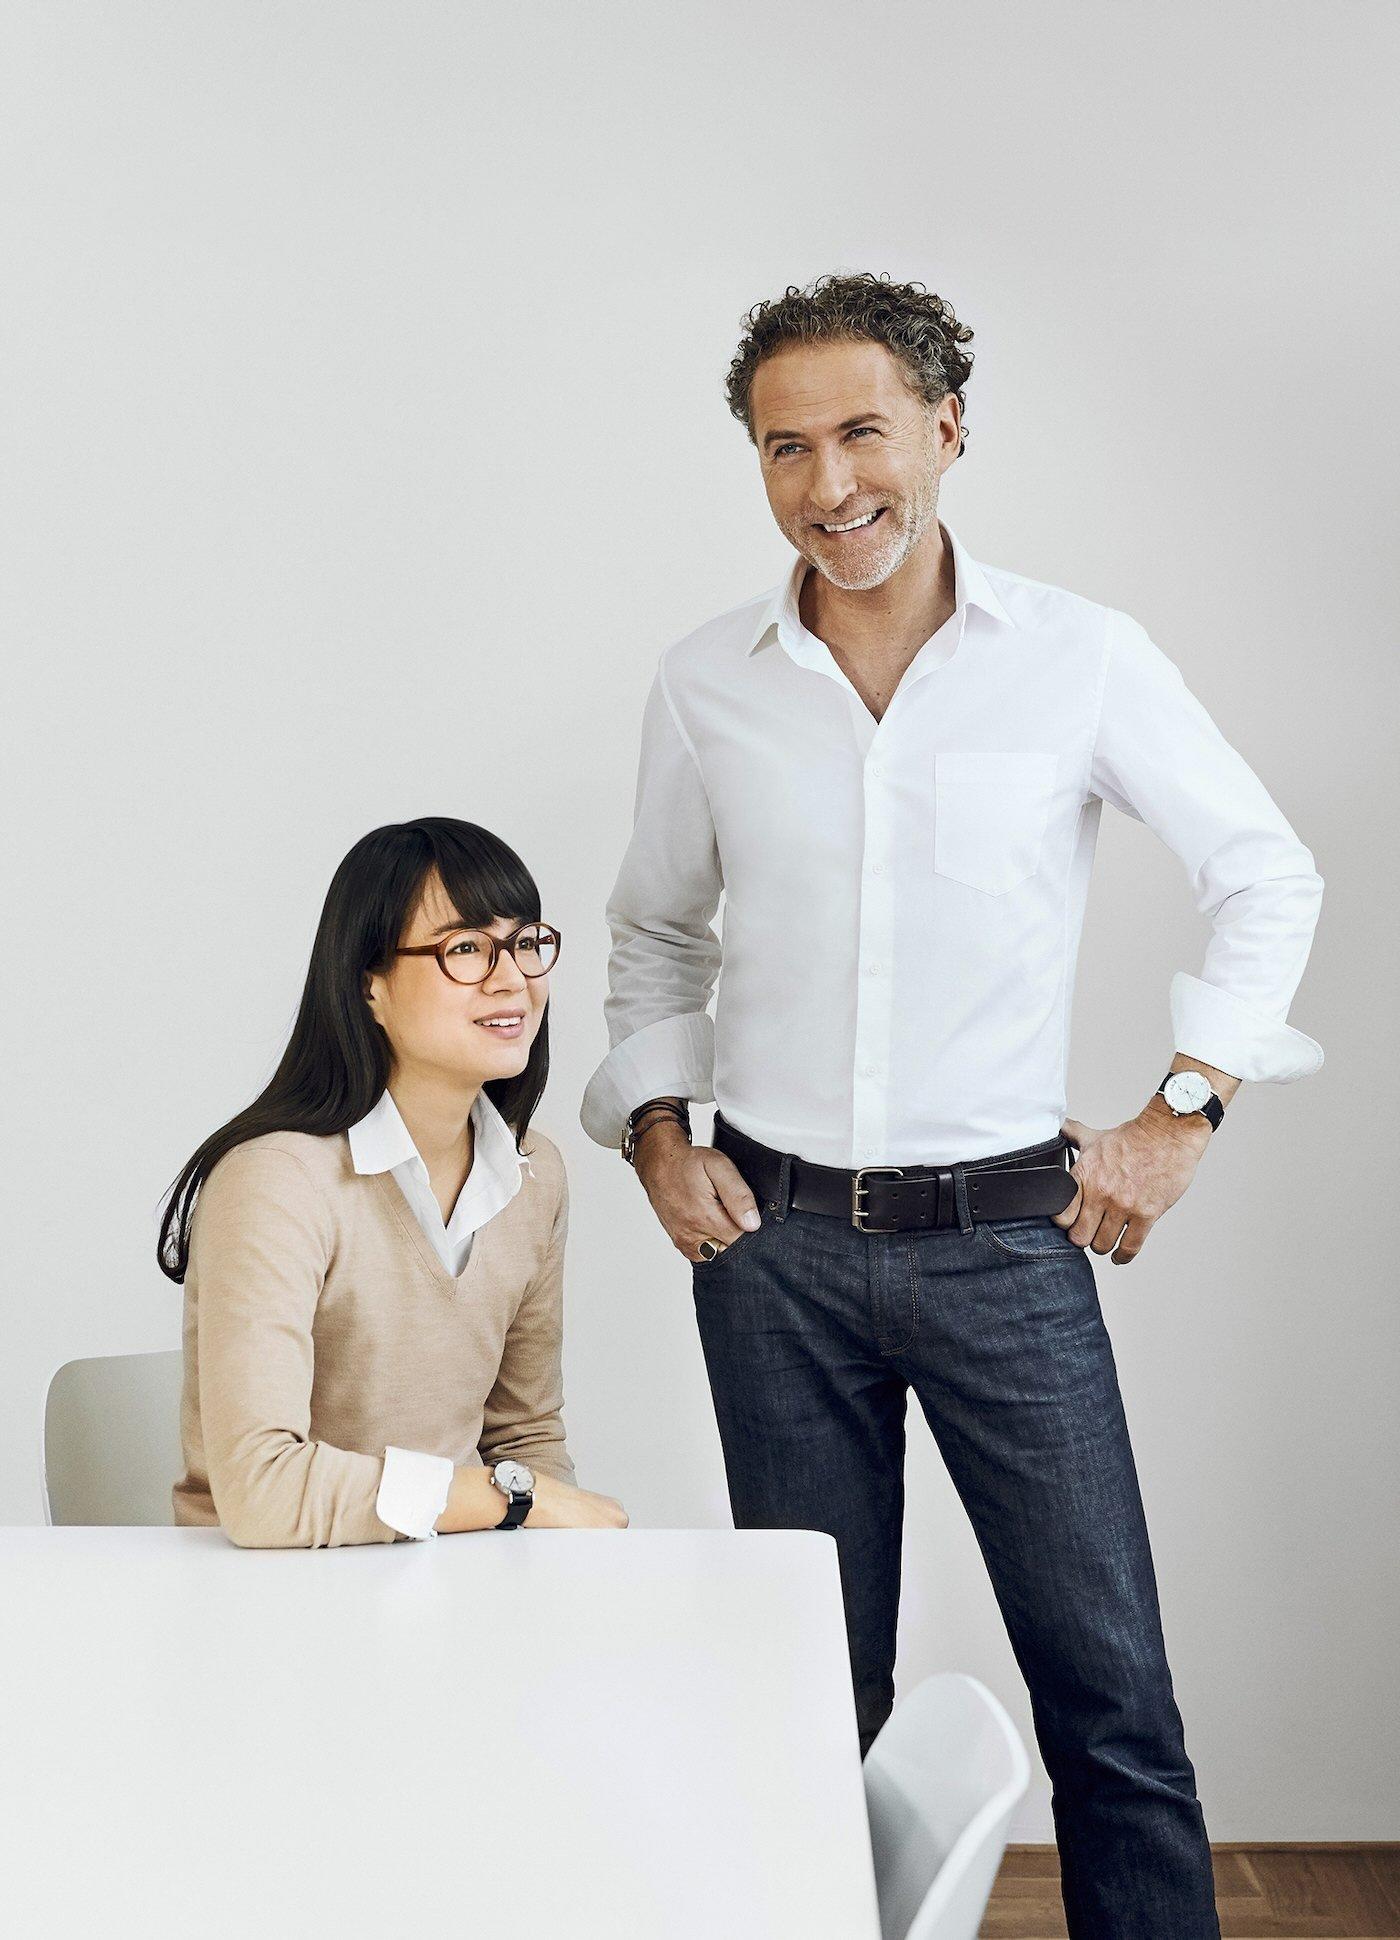 NOMOS выпускает три новых лимитированных серии часов Autobahn Director's Cut с яркими цветовыми решениями